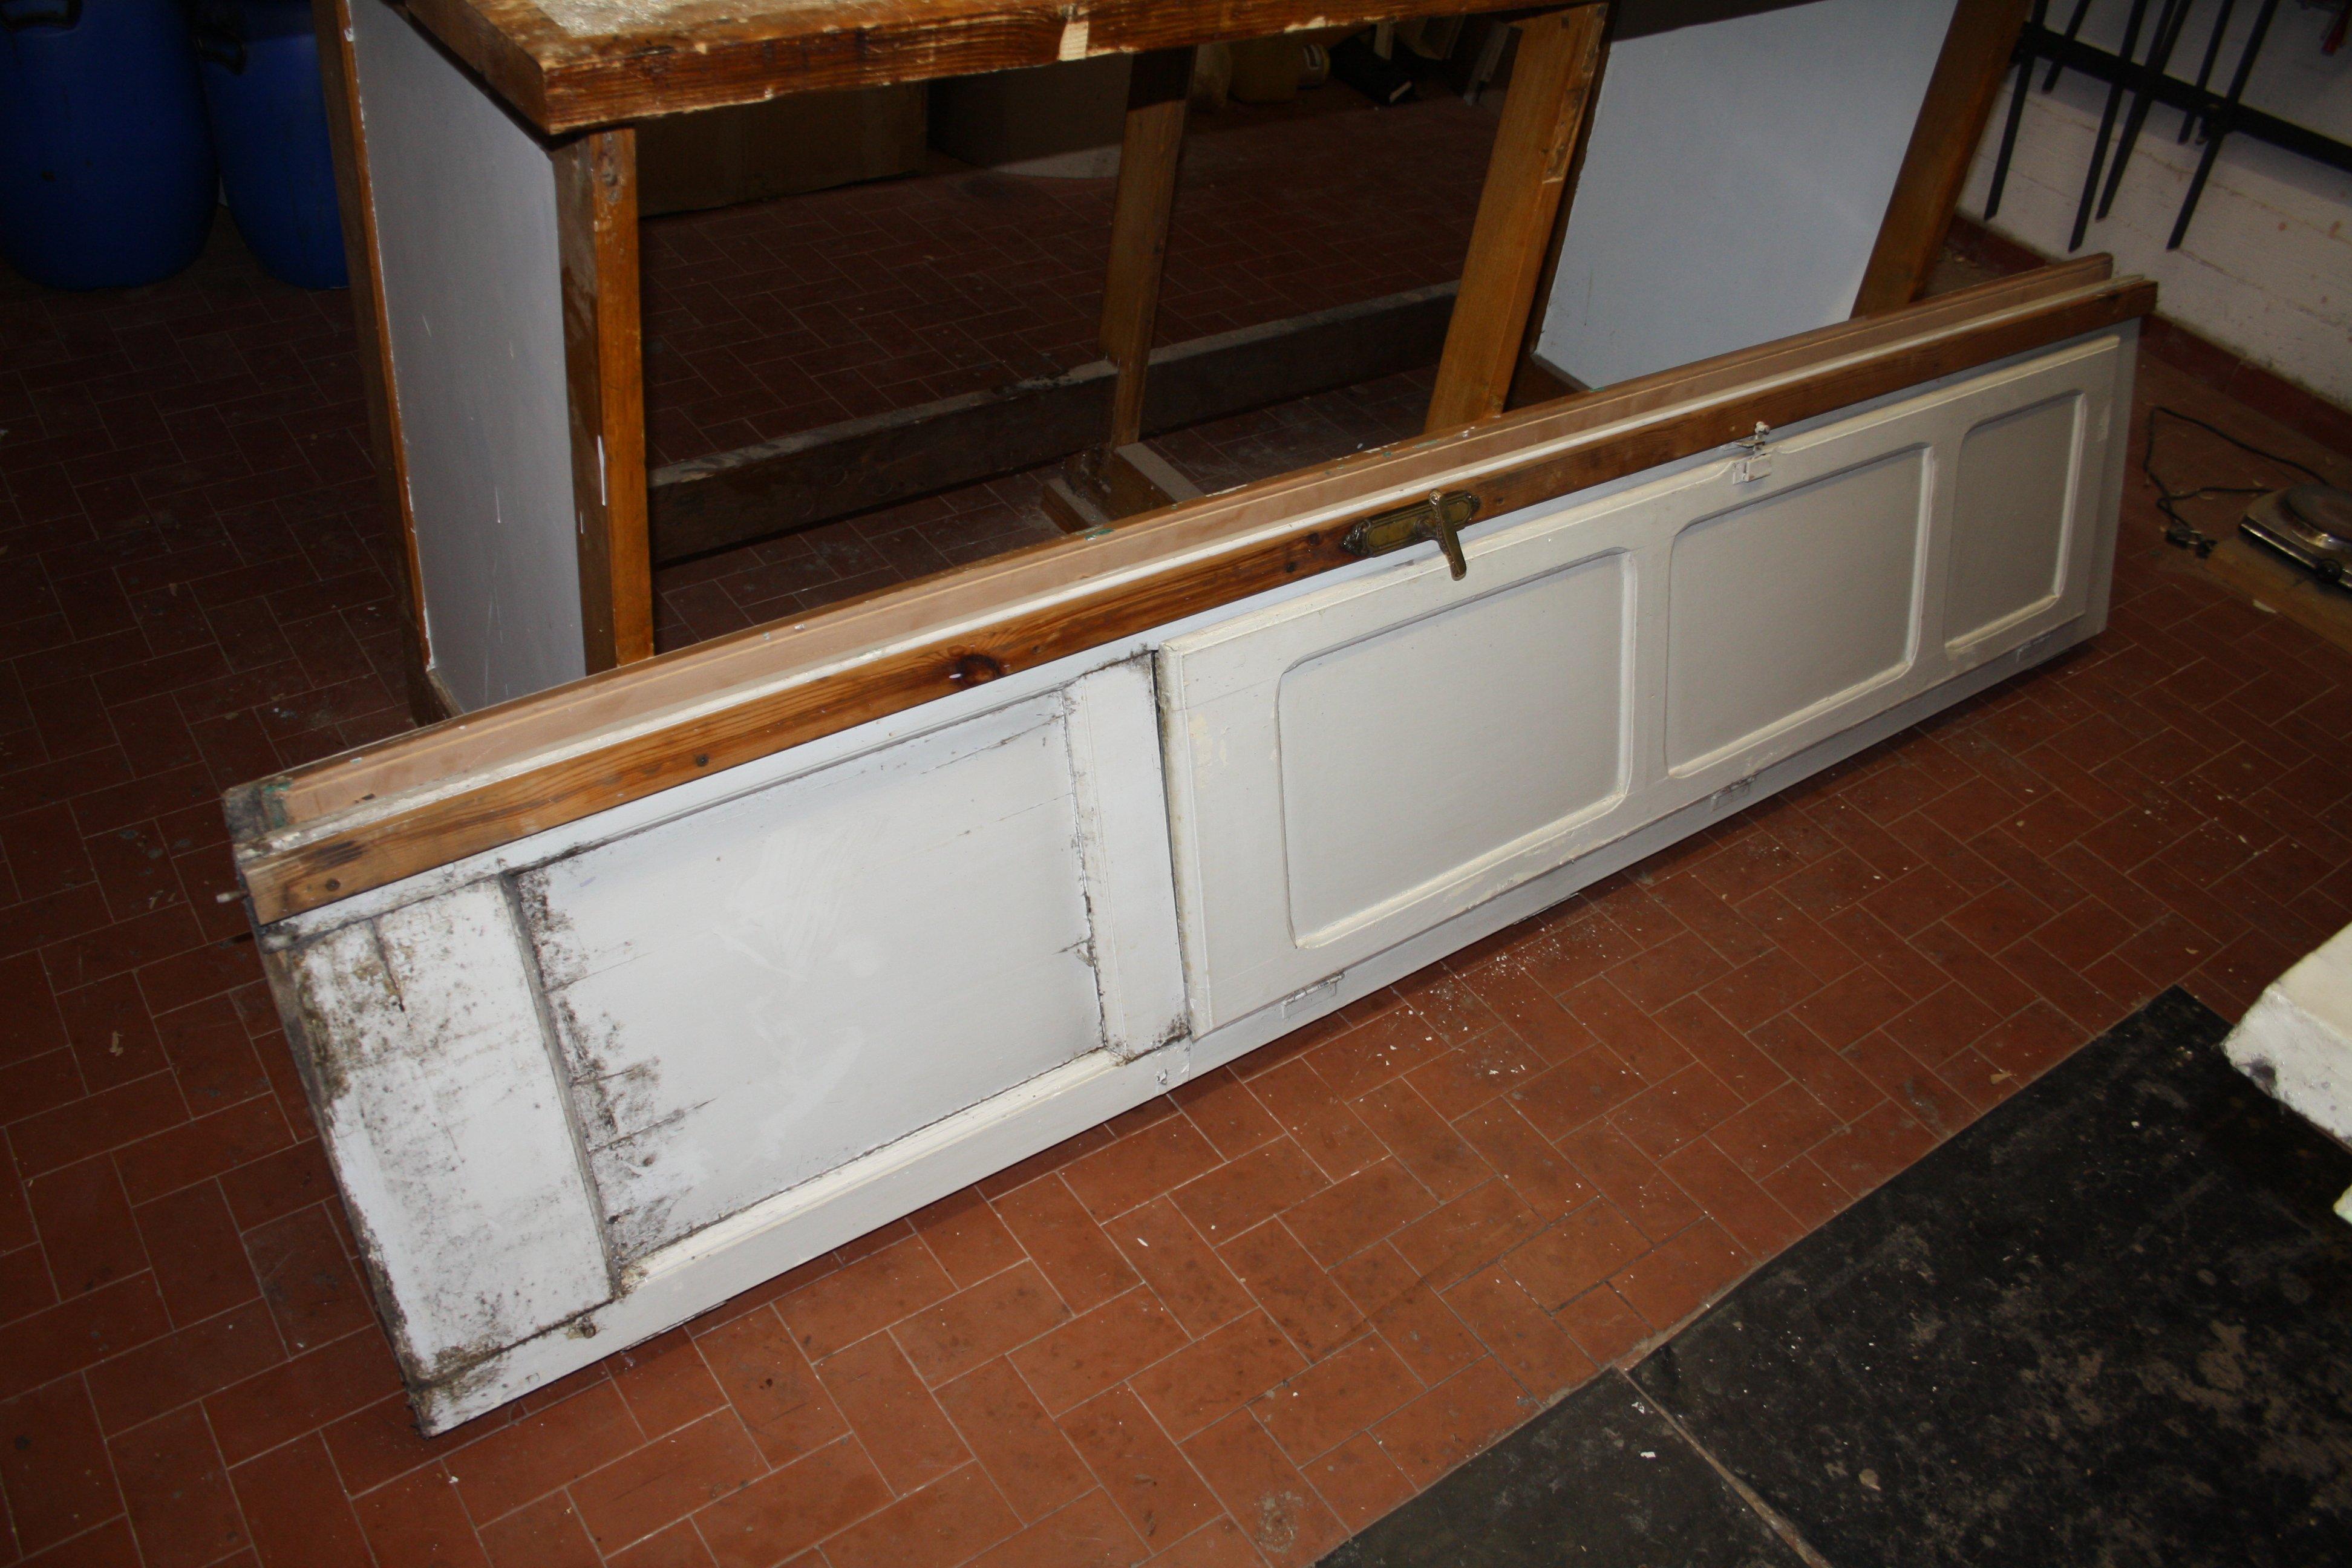 Ristrutturazione di una serie di infissi in legno di castagno conservazione e - Ristrutturazione finestre in legno ...